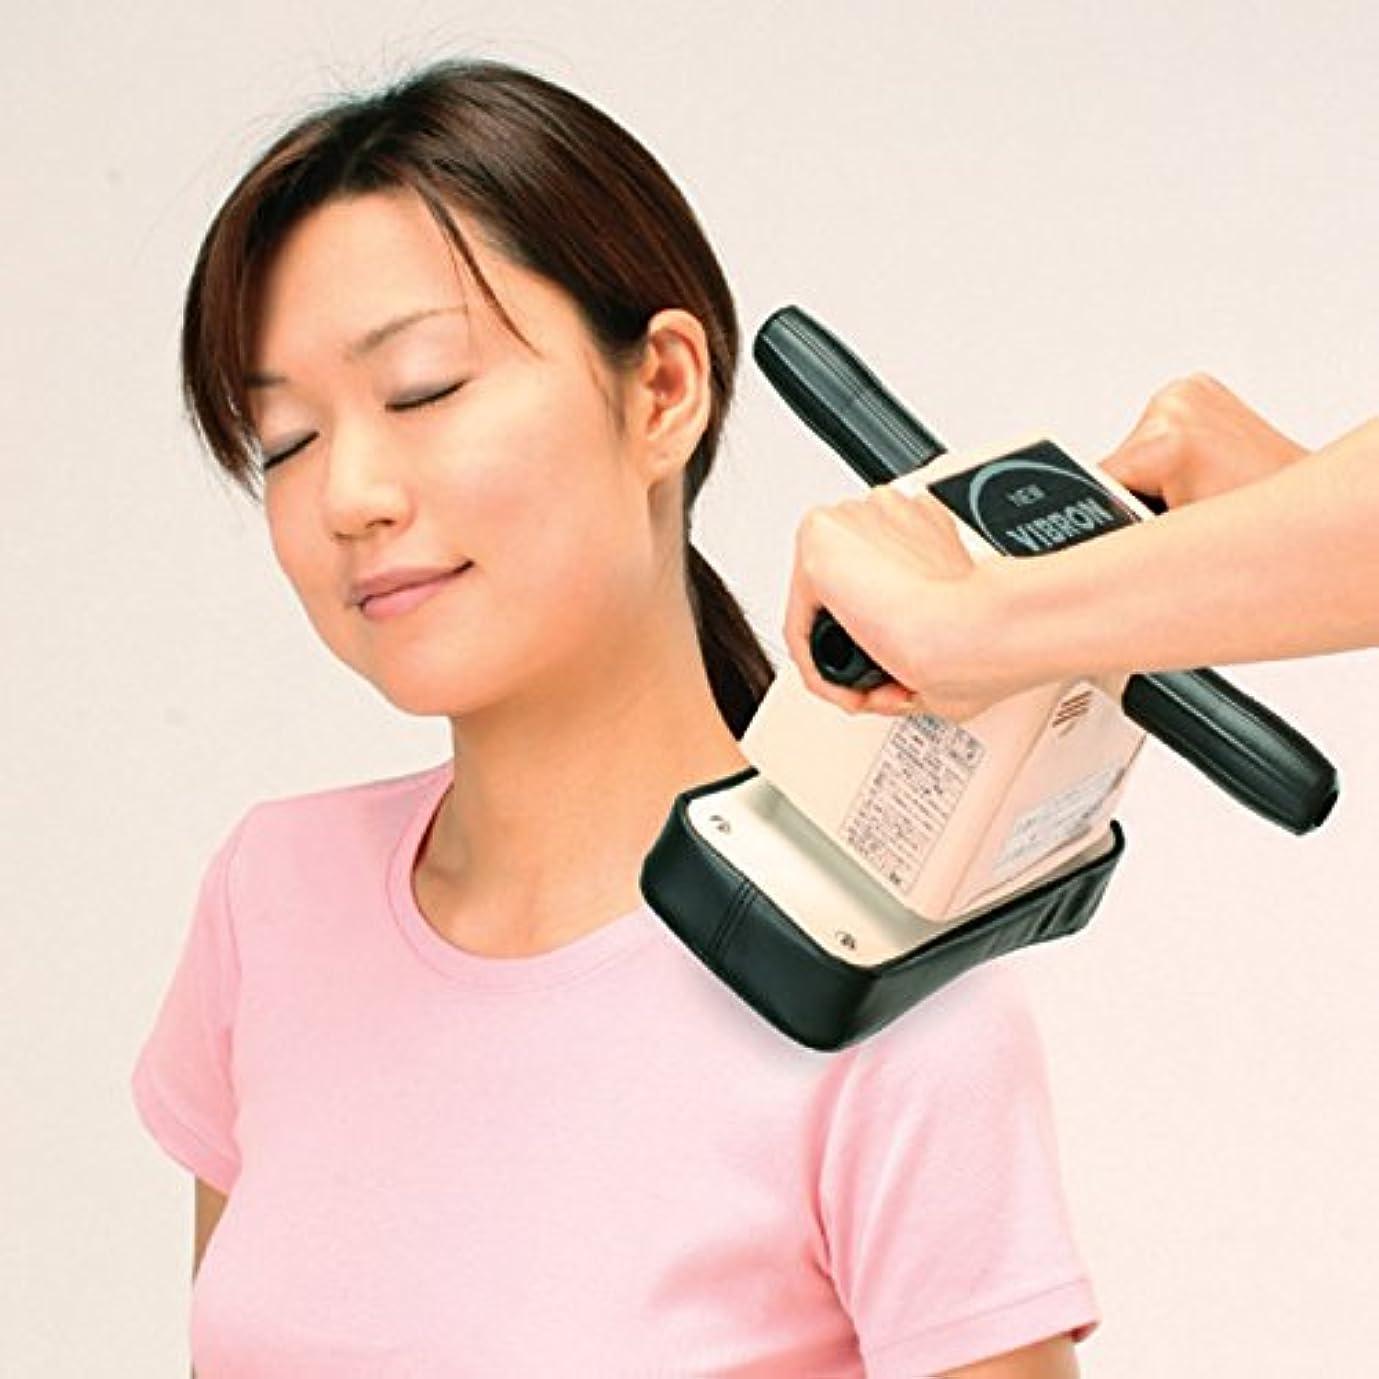 つまらないモック遮るマッサージ器 電動 家庭用 按摩器 小型 日本製 【首?腰?足?ふくろはぎ?肩こりに】